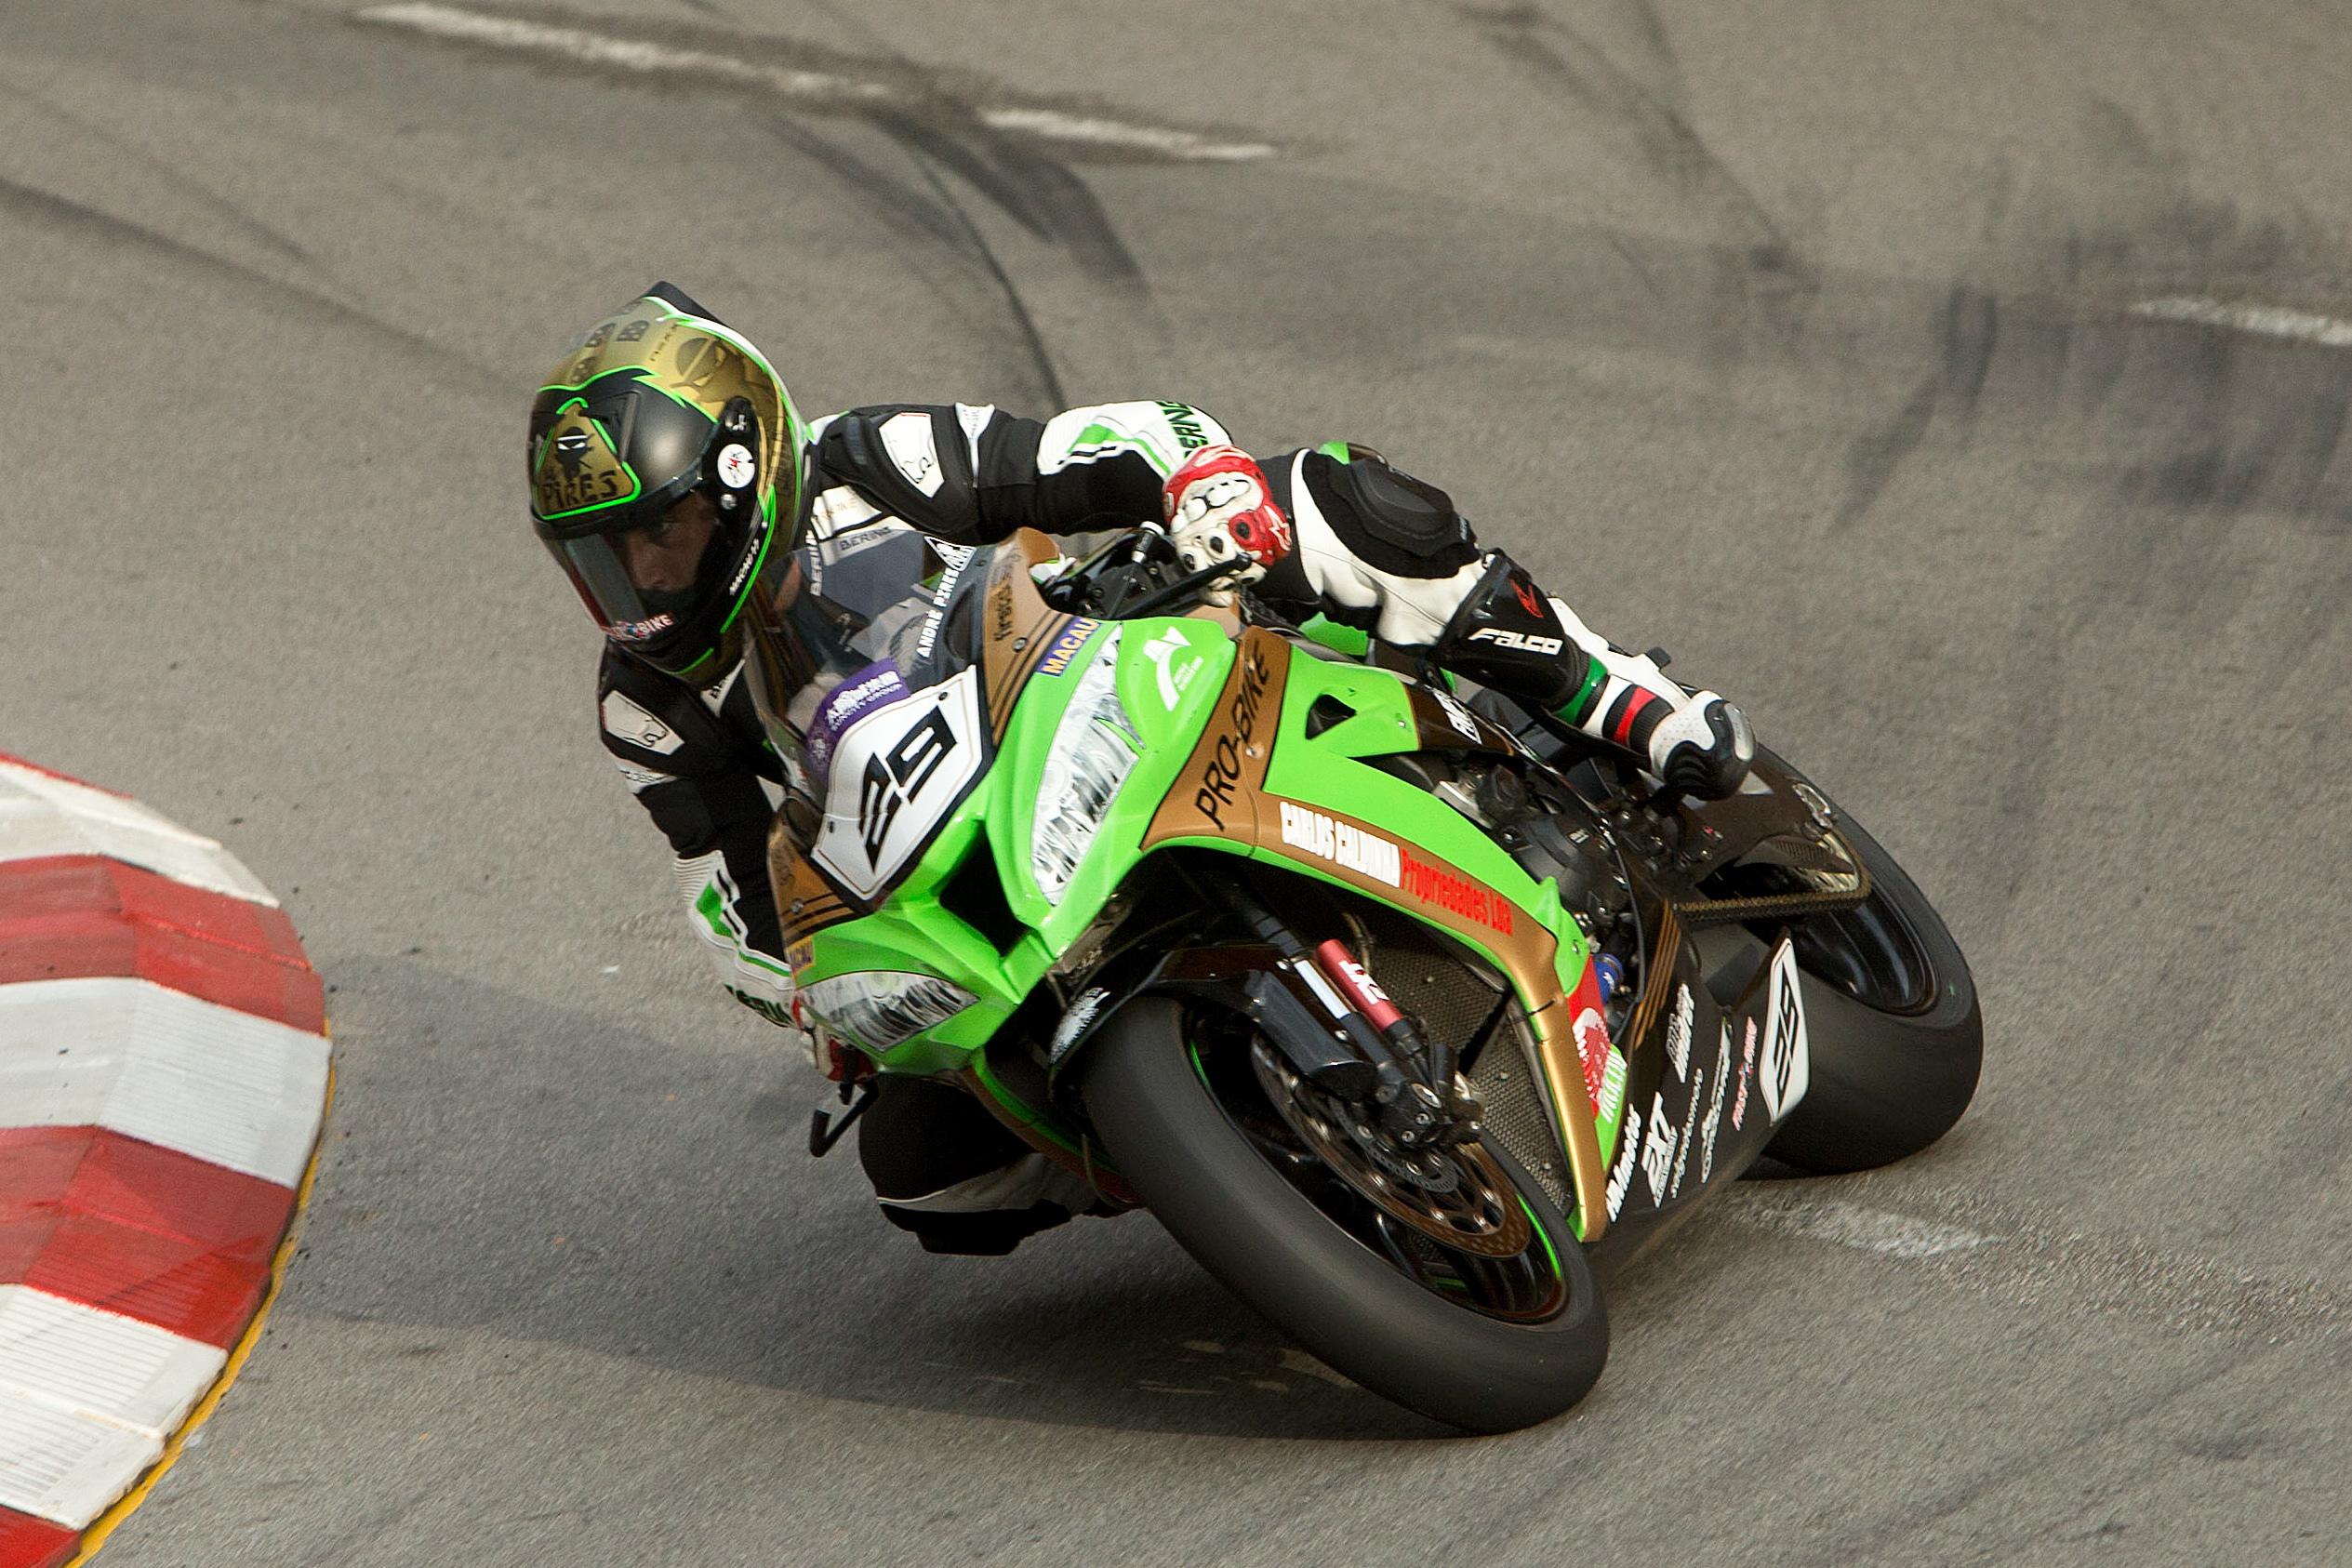 Problema mecânico tira piloto português André Pires do Grande Prémio de Motos de Macau